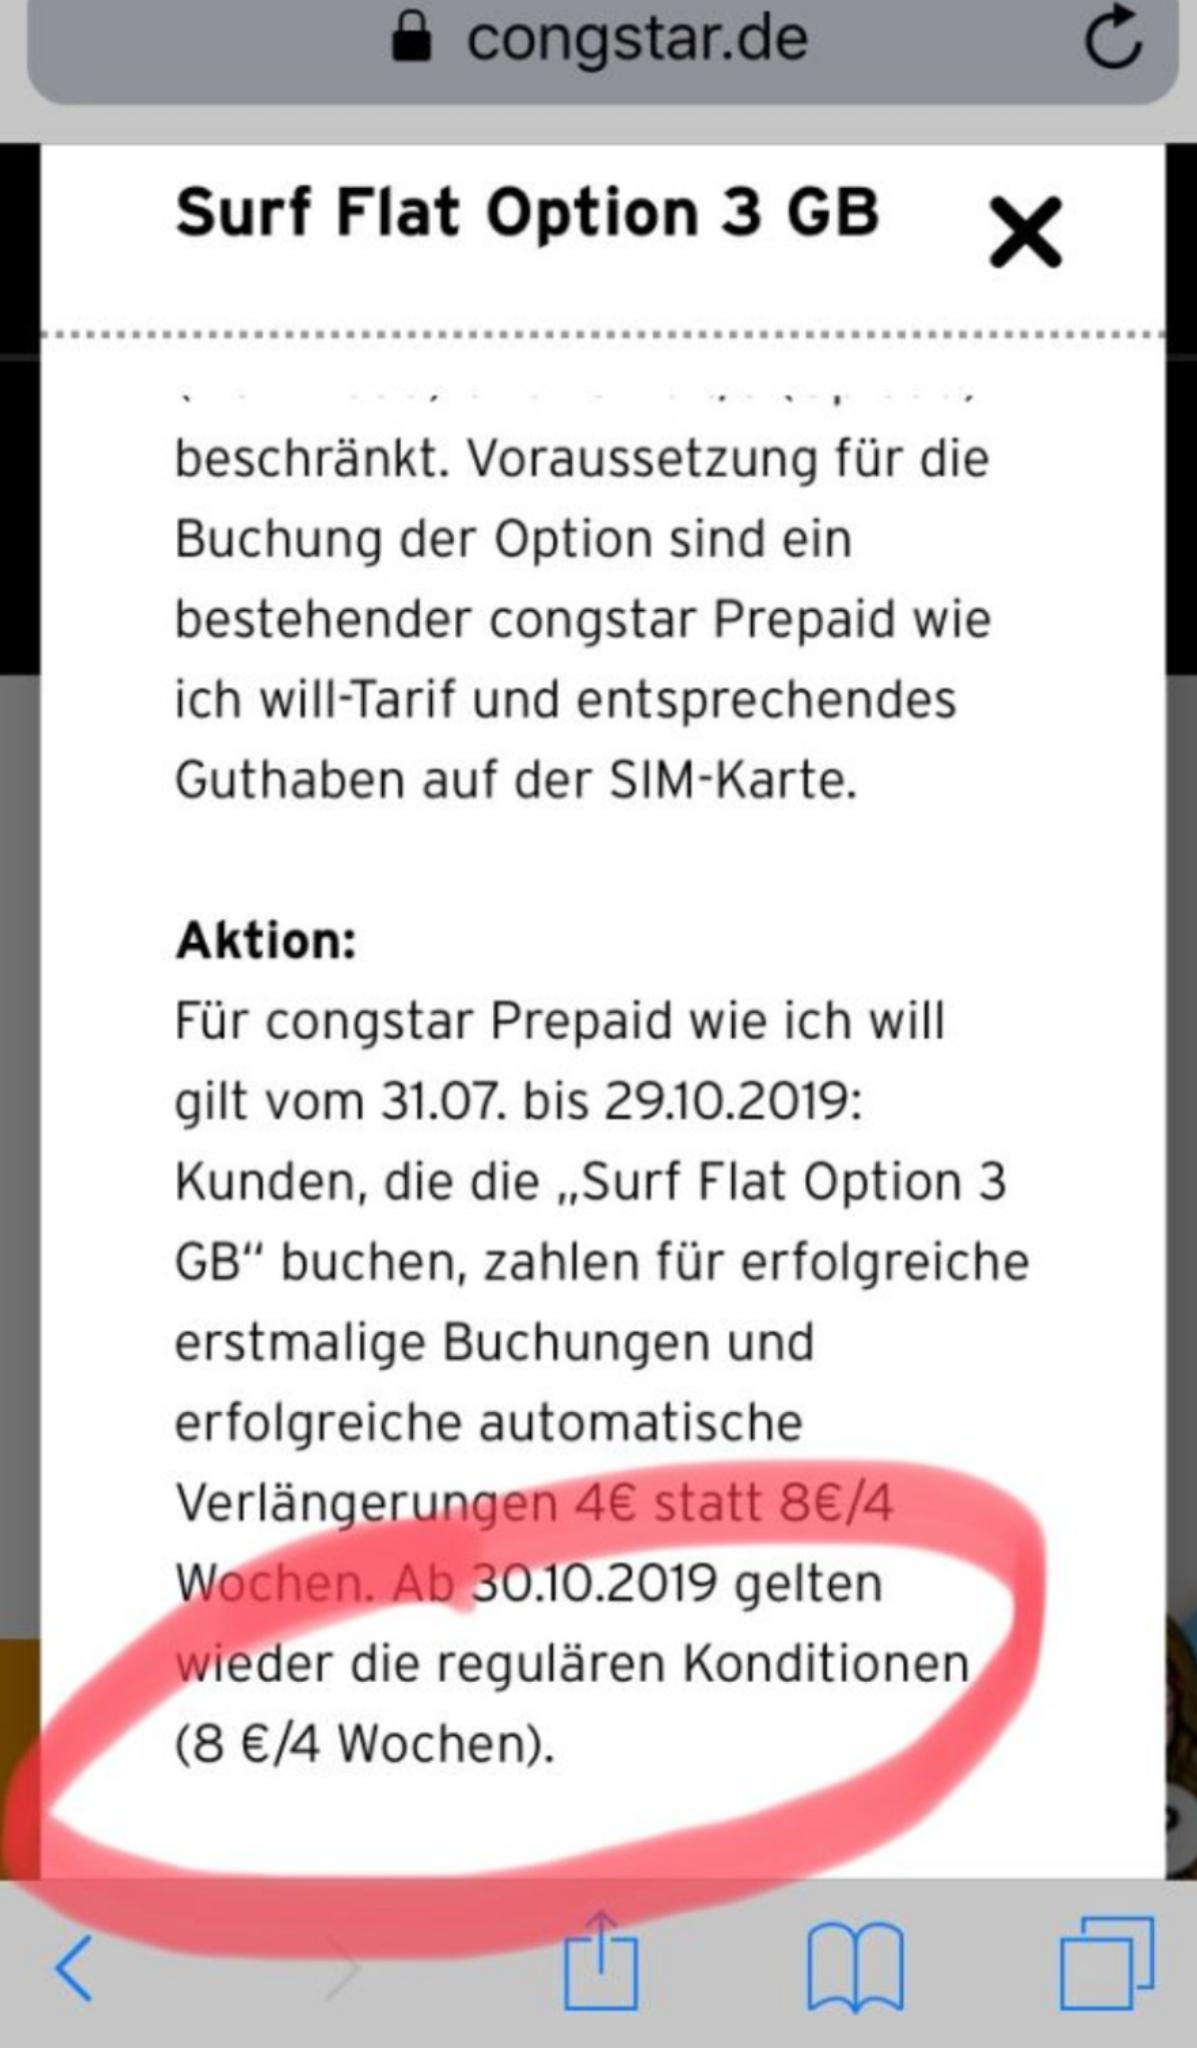 congstar.de